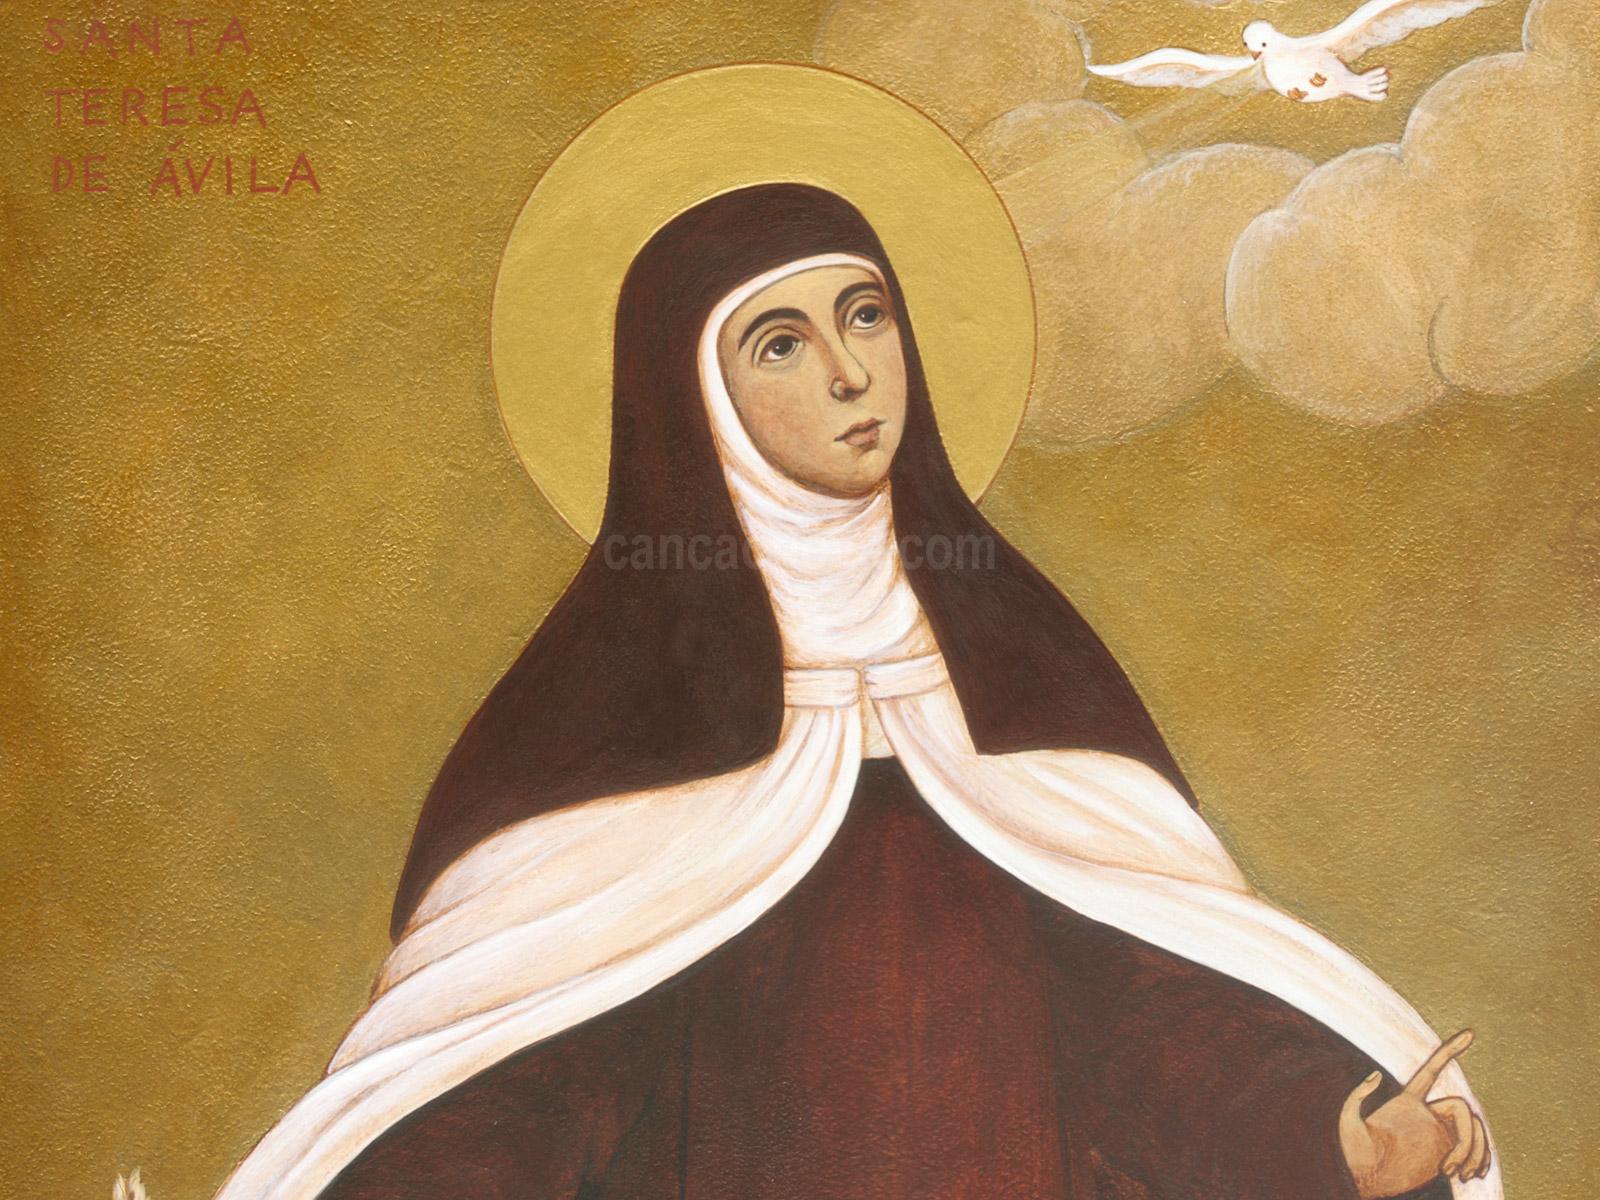 Frases De Santa Teresa De ávila Expressa Seus Pensamentos Grupo